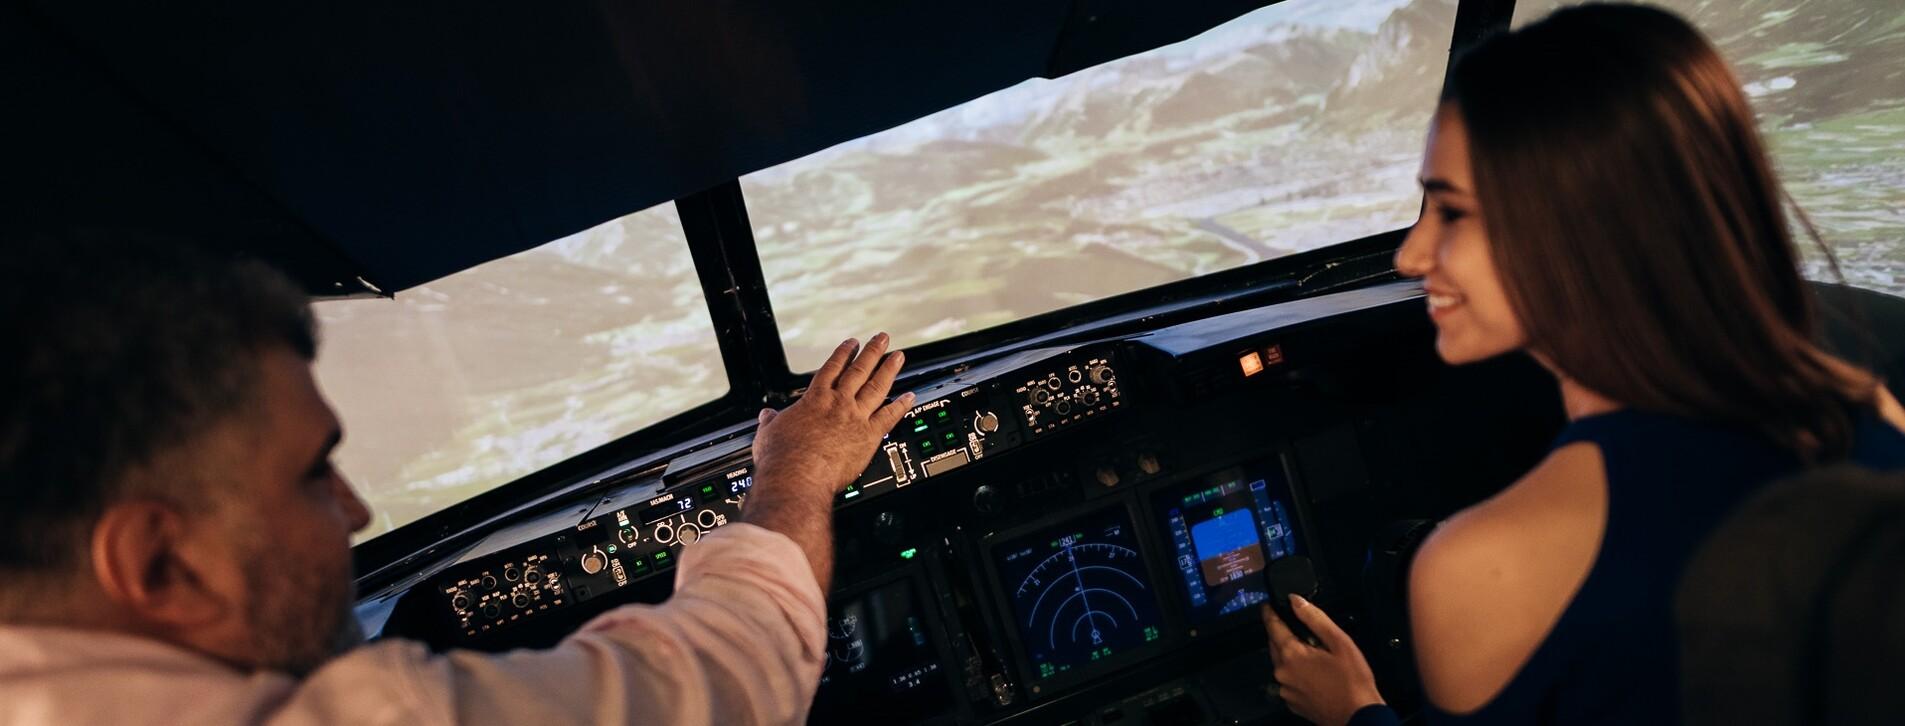 Fotoğraf 1 - İki Kişi için Boeing 737 Simülatörü ile Yurt içi Seferi Deneyimi